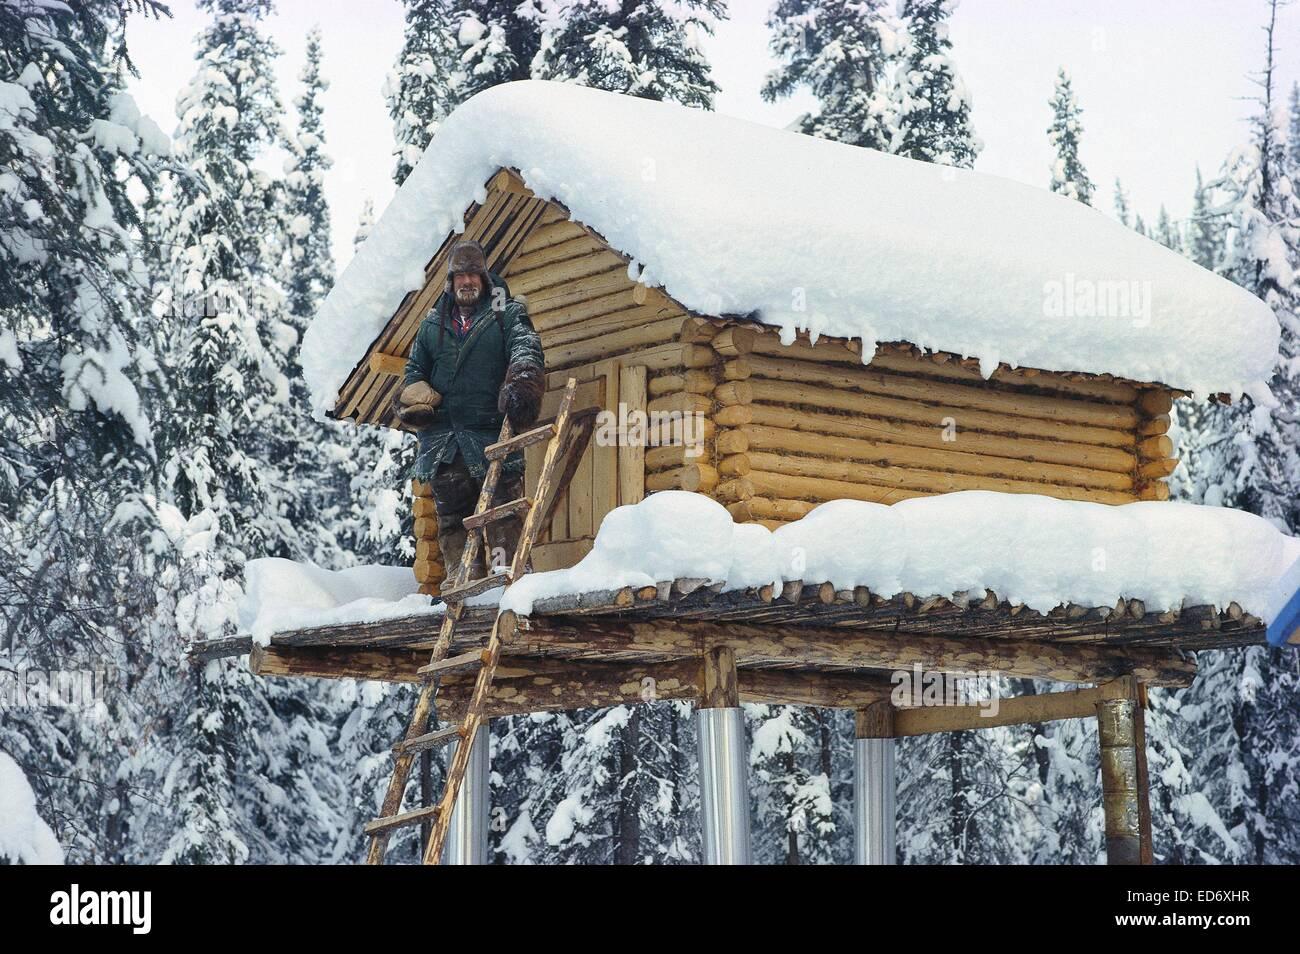 Yukon territorium datingden største datingside